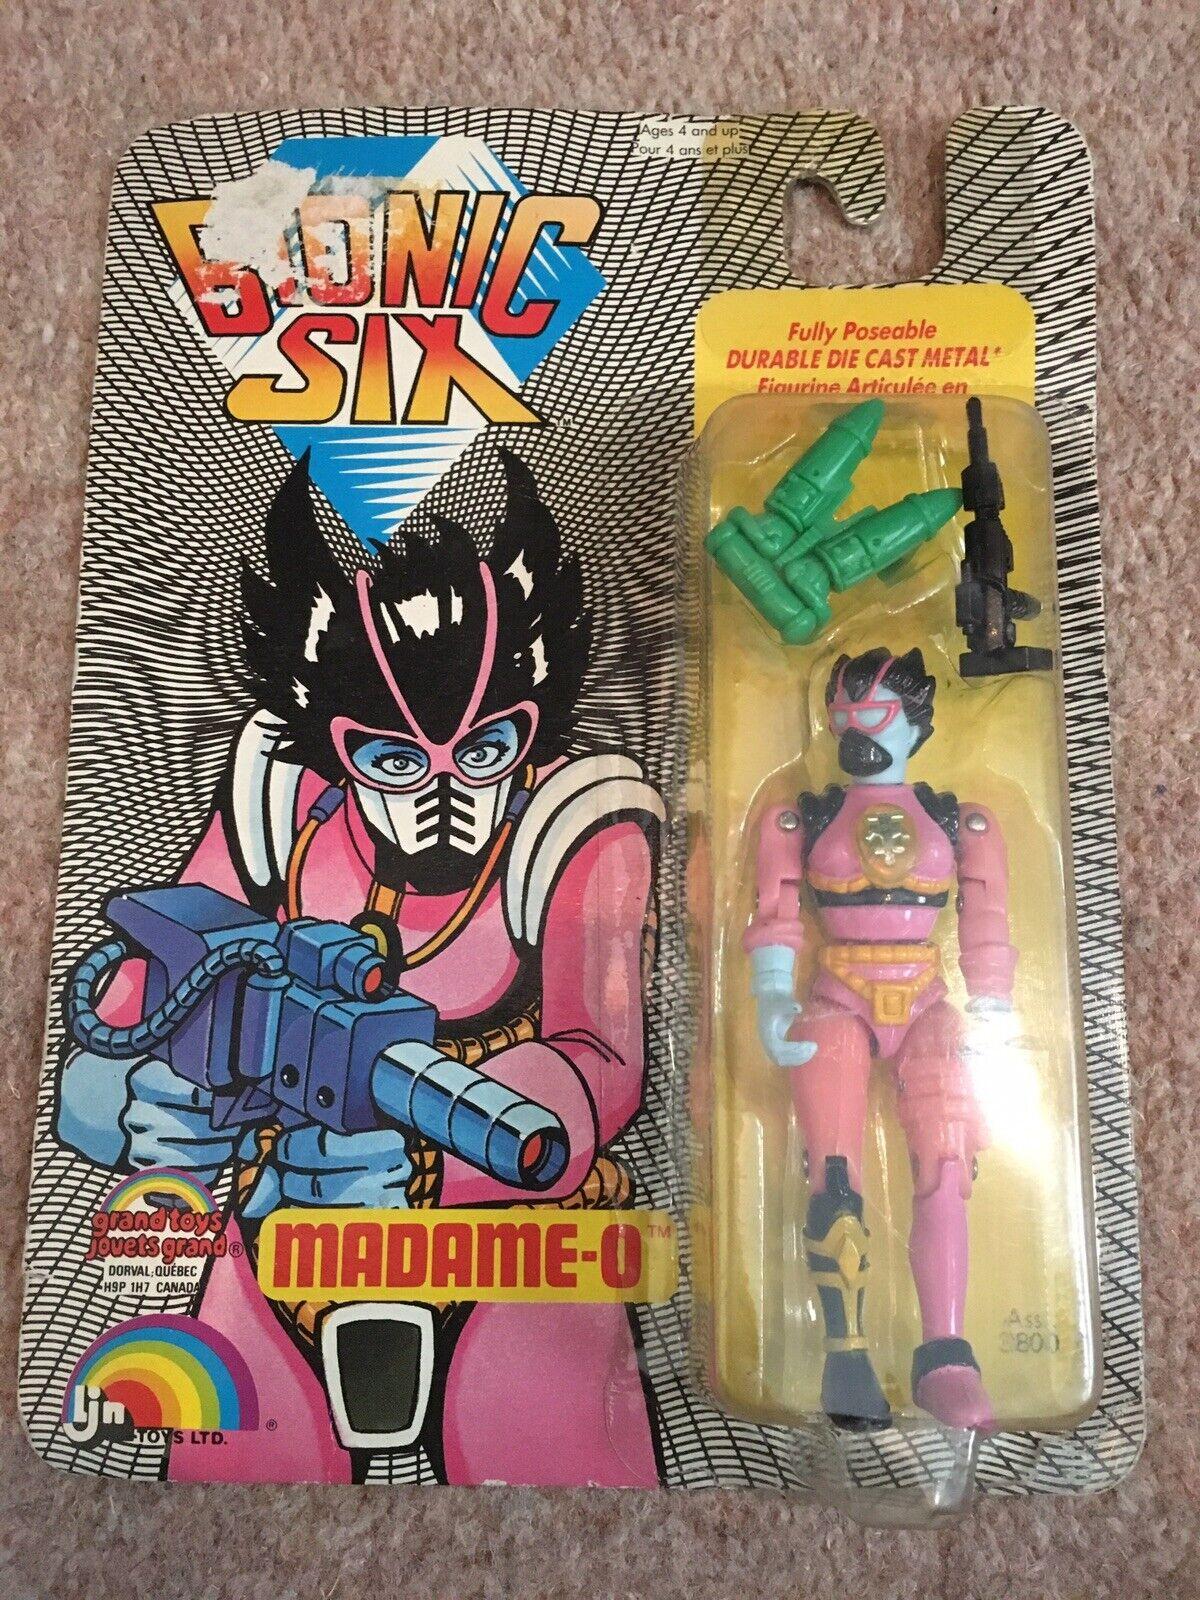 Bionic seis Madame-O vintage figura Ljn Juguetes Ltd. francés inglés 1986